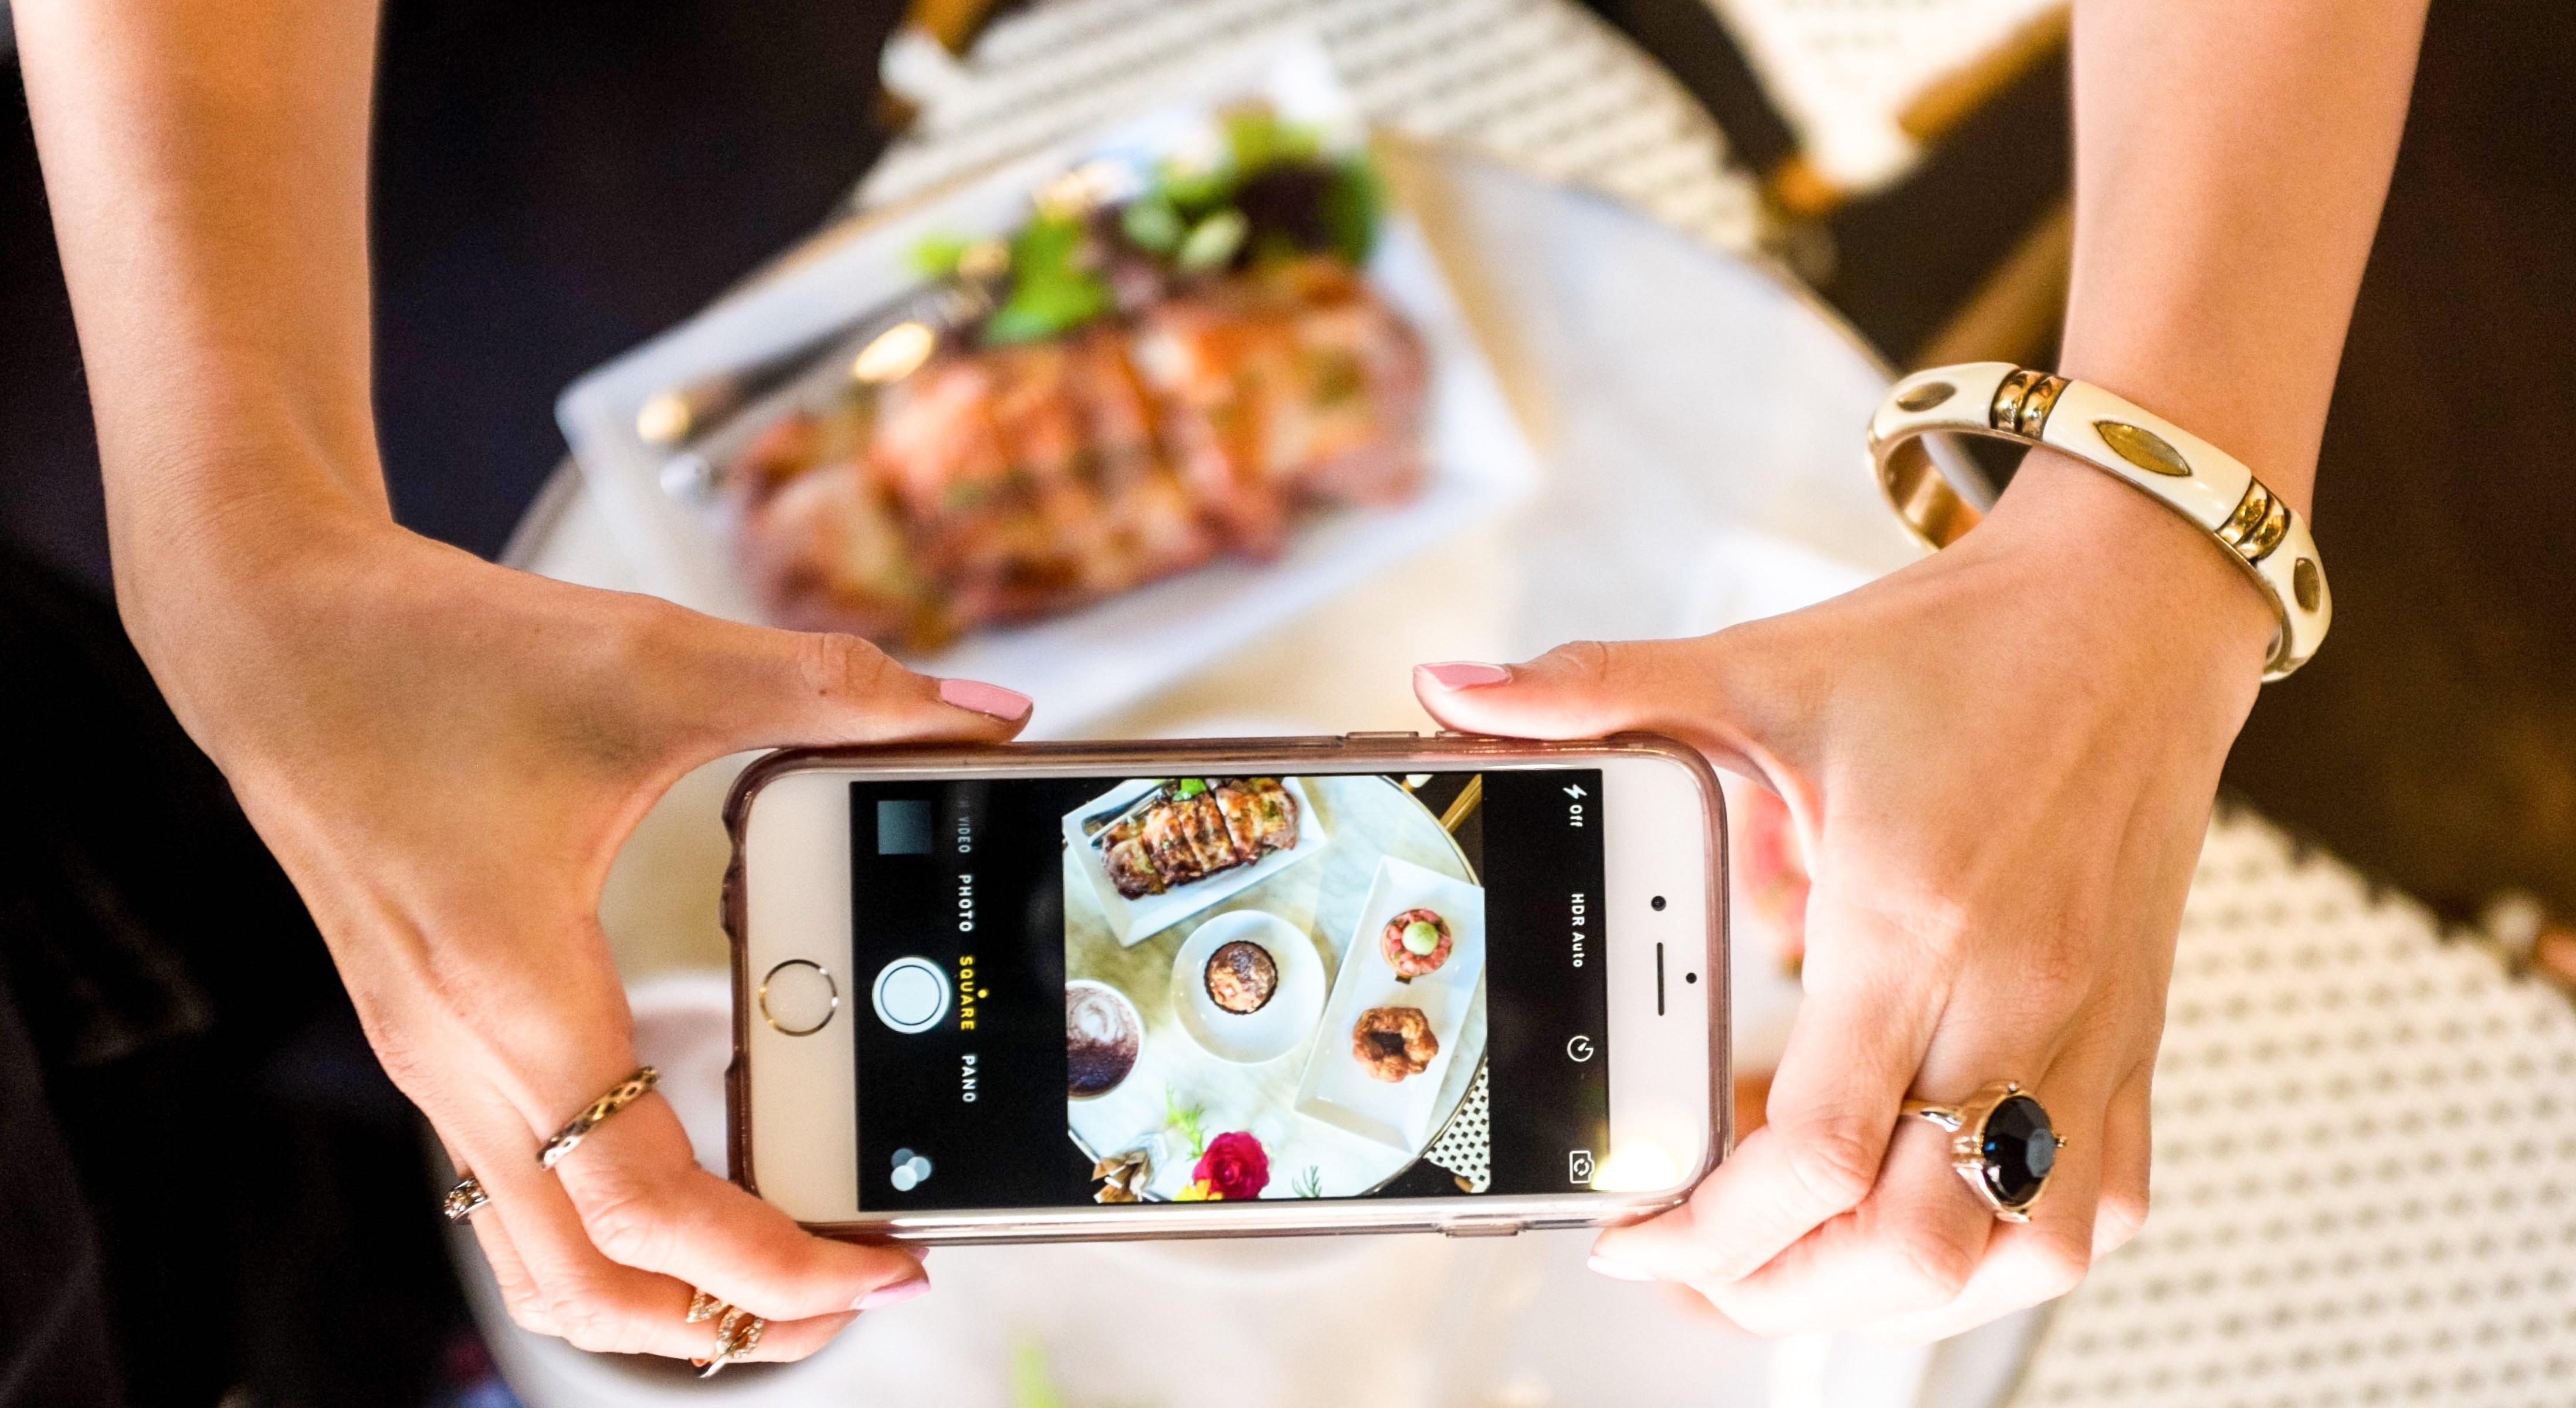 Marketing for restaurants